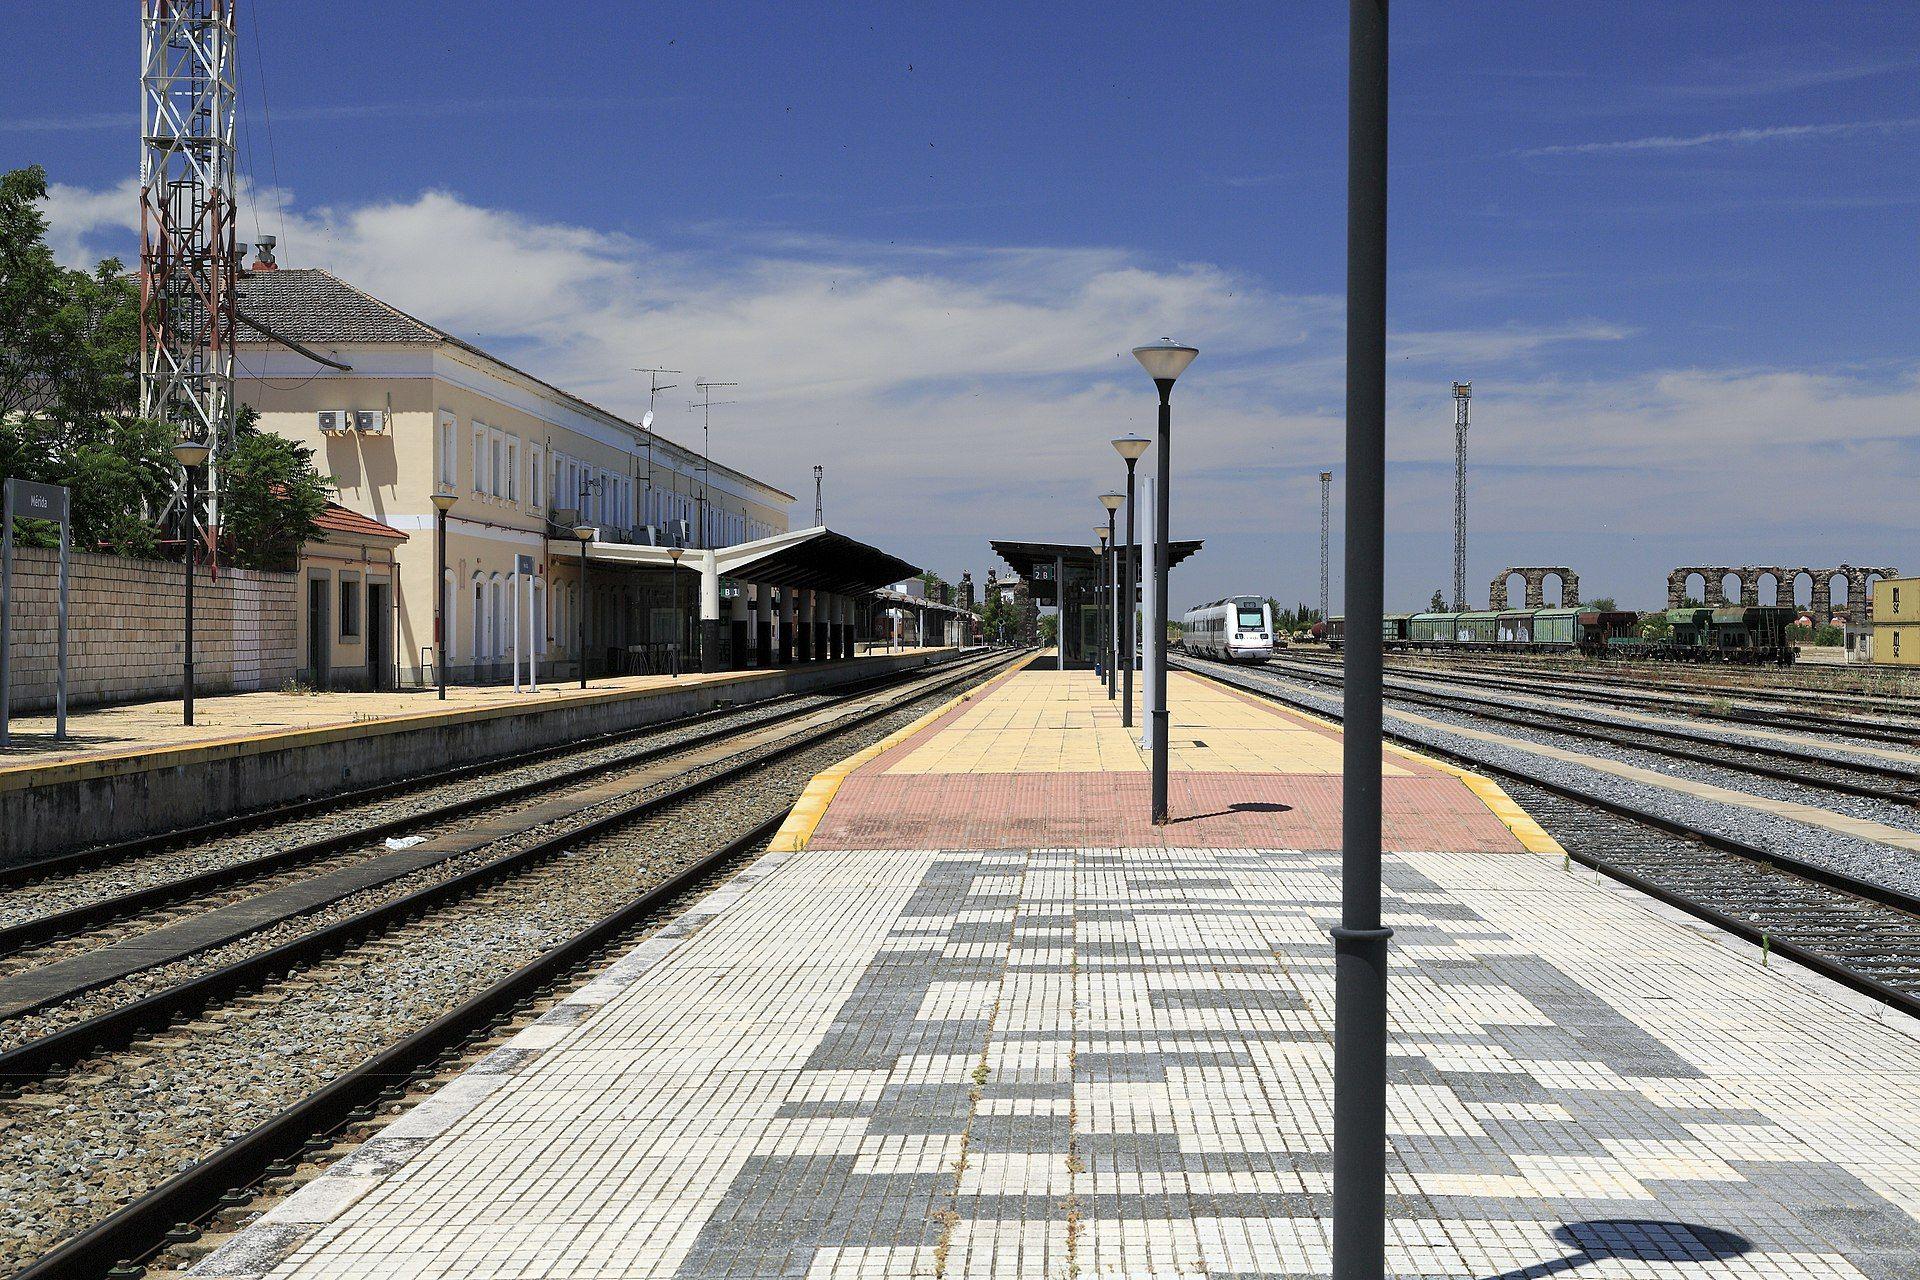 El PP pregunta en el Congreso al Gobierno por los recortes de trayectos, frecuencias y horarios de los servicios ferroviarios de Renfe en Extremadura